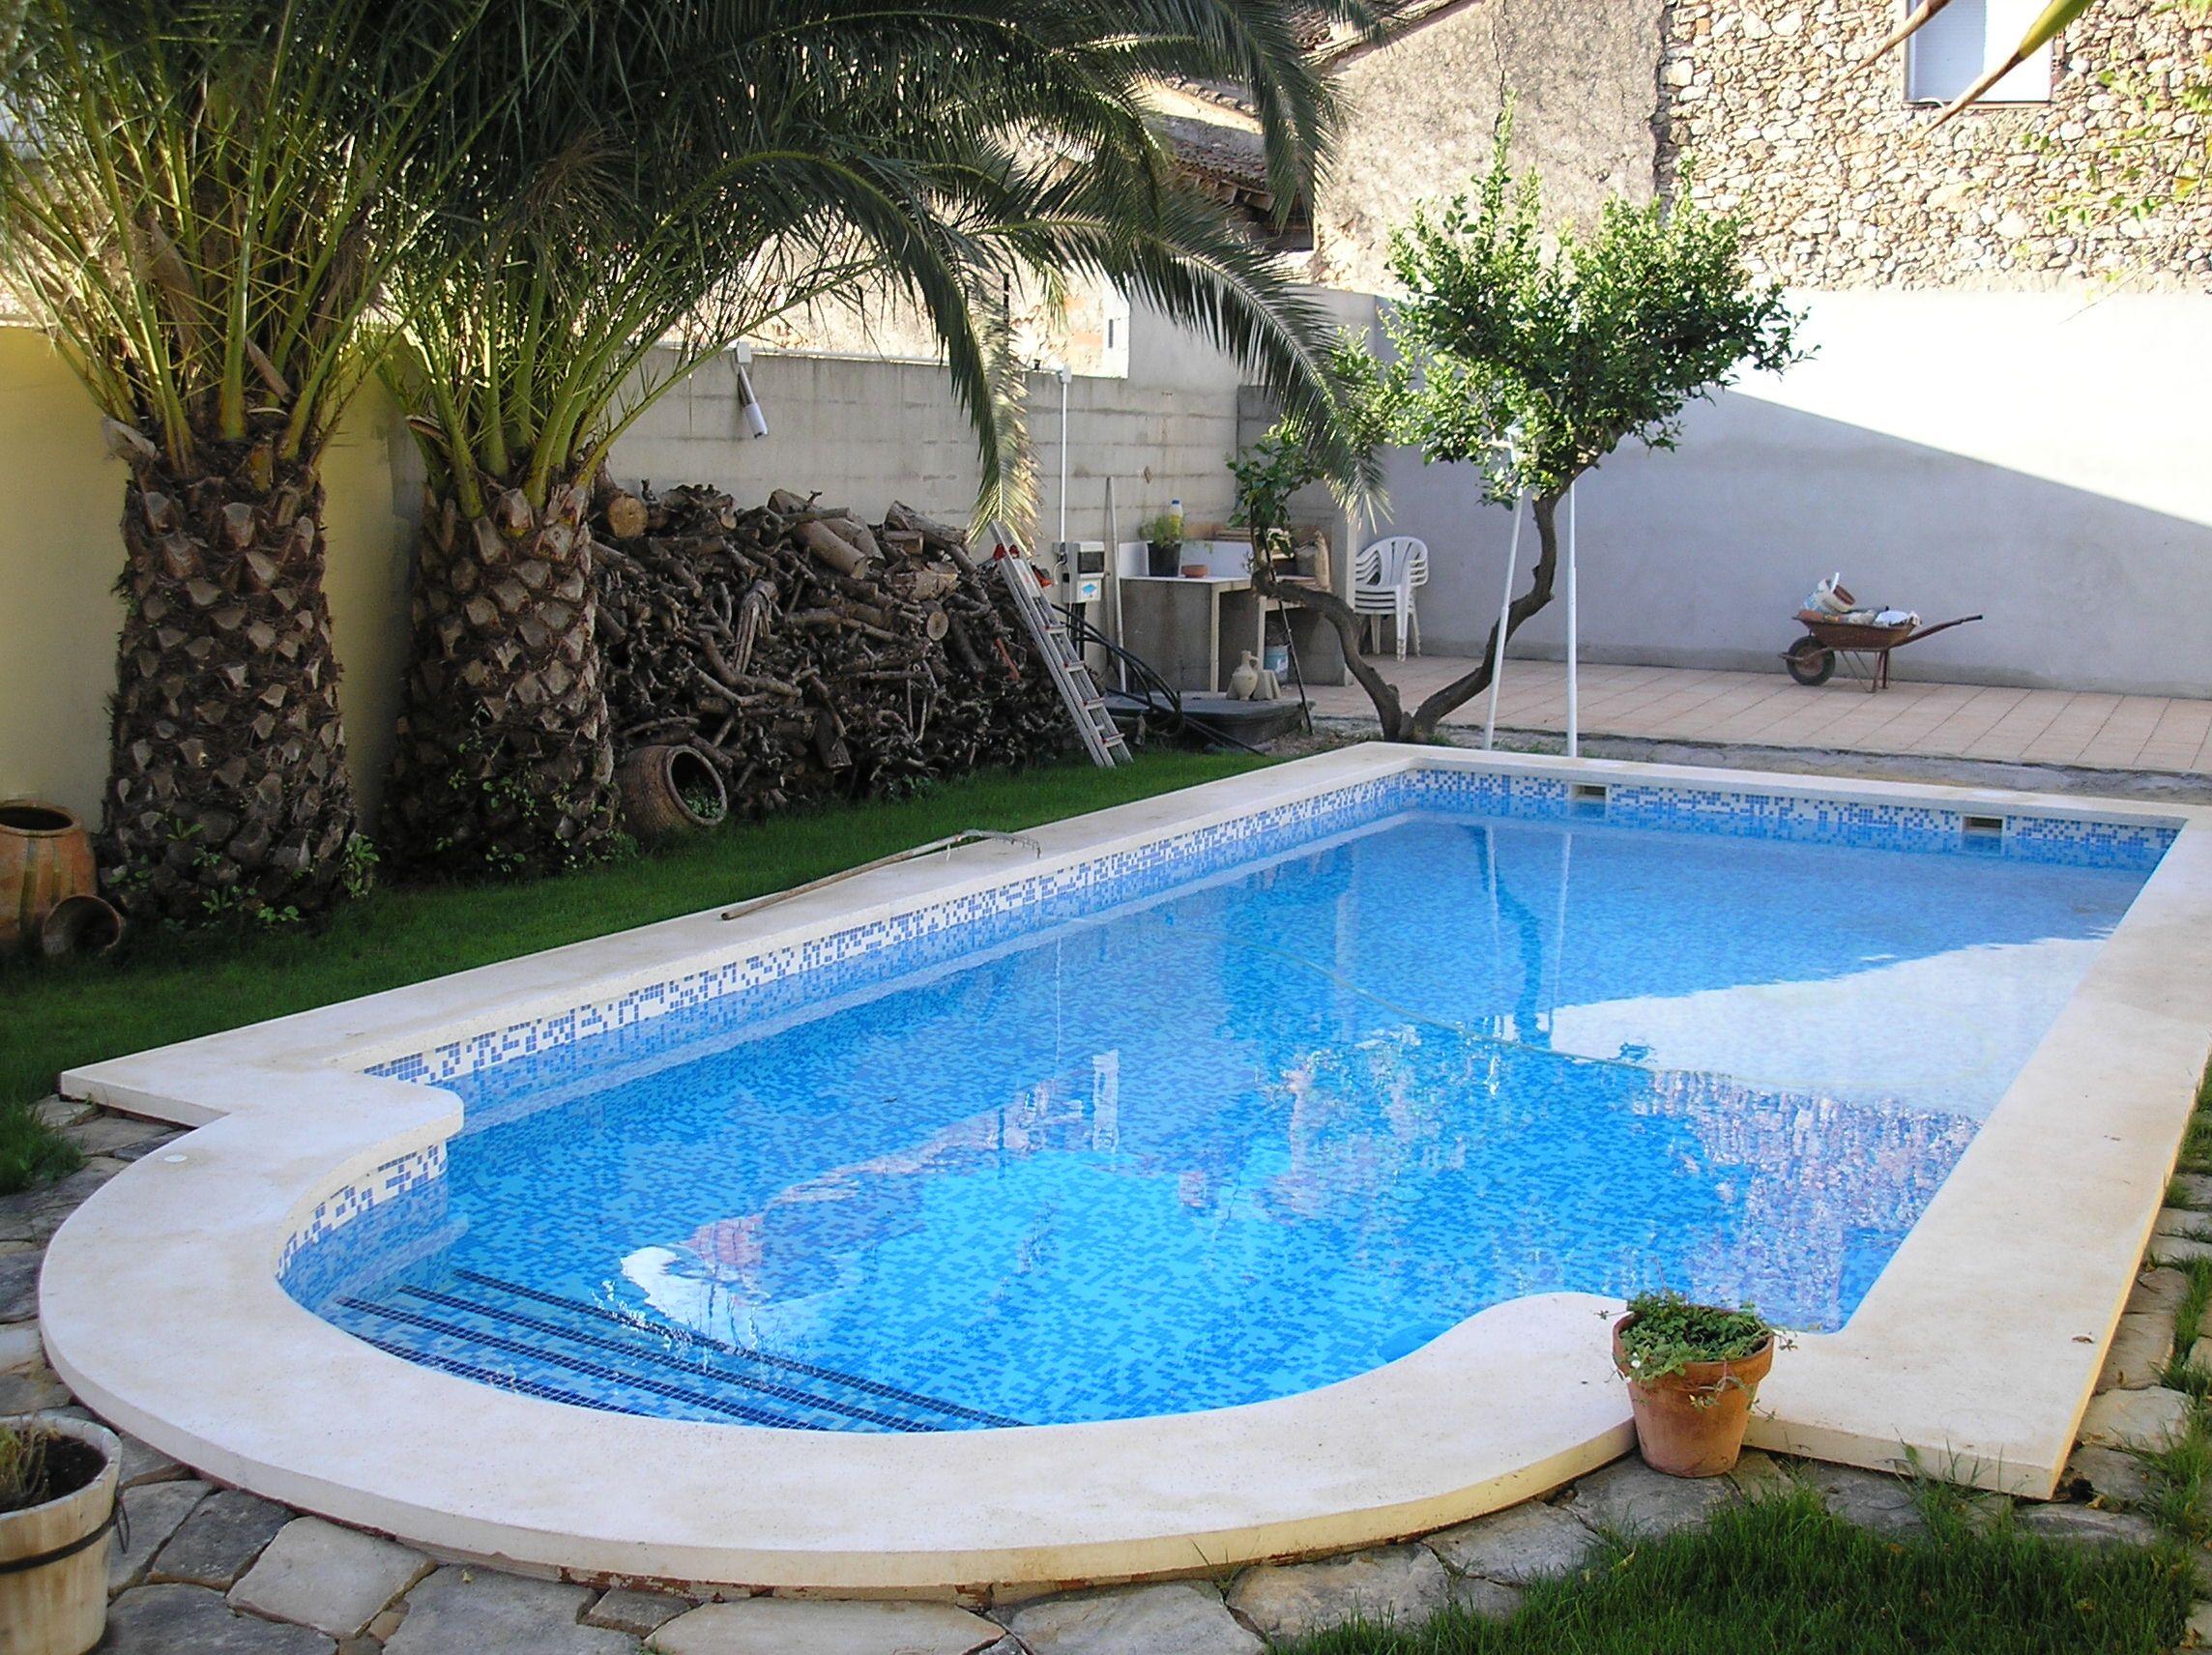 Piscina de hormig n gunitado piscinas para uso for Piscina climatizada valencia